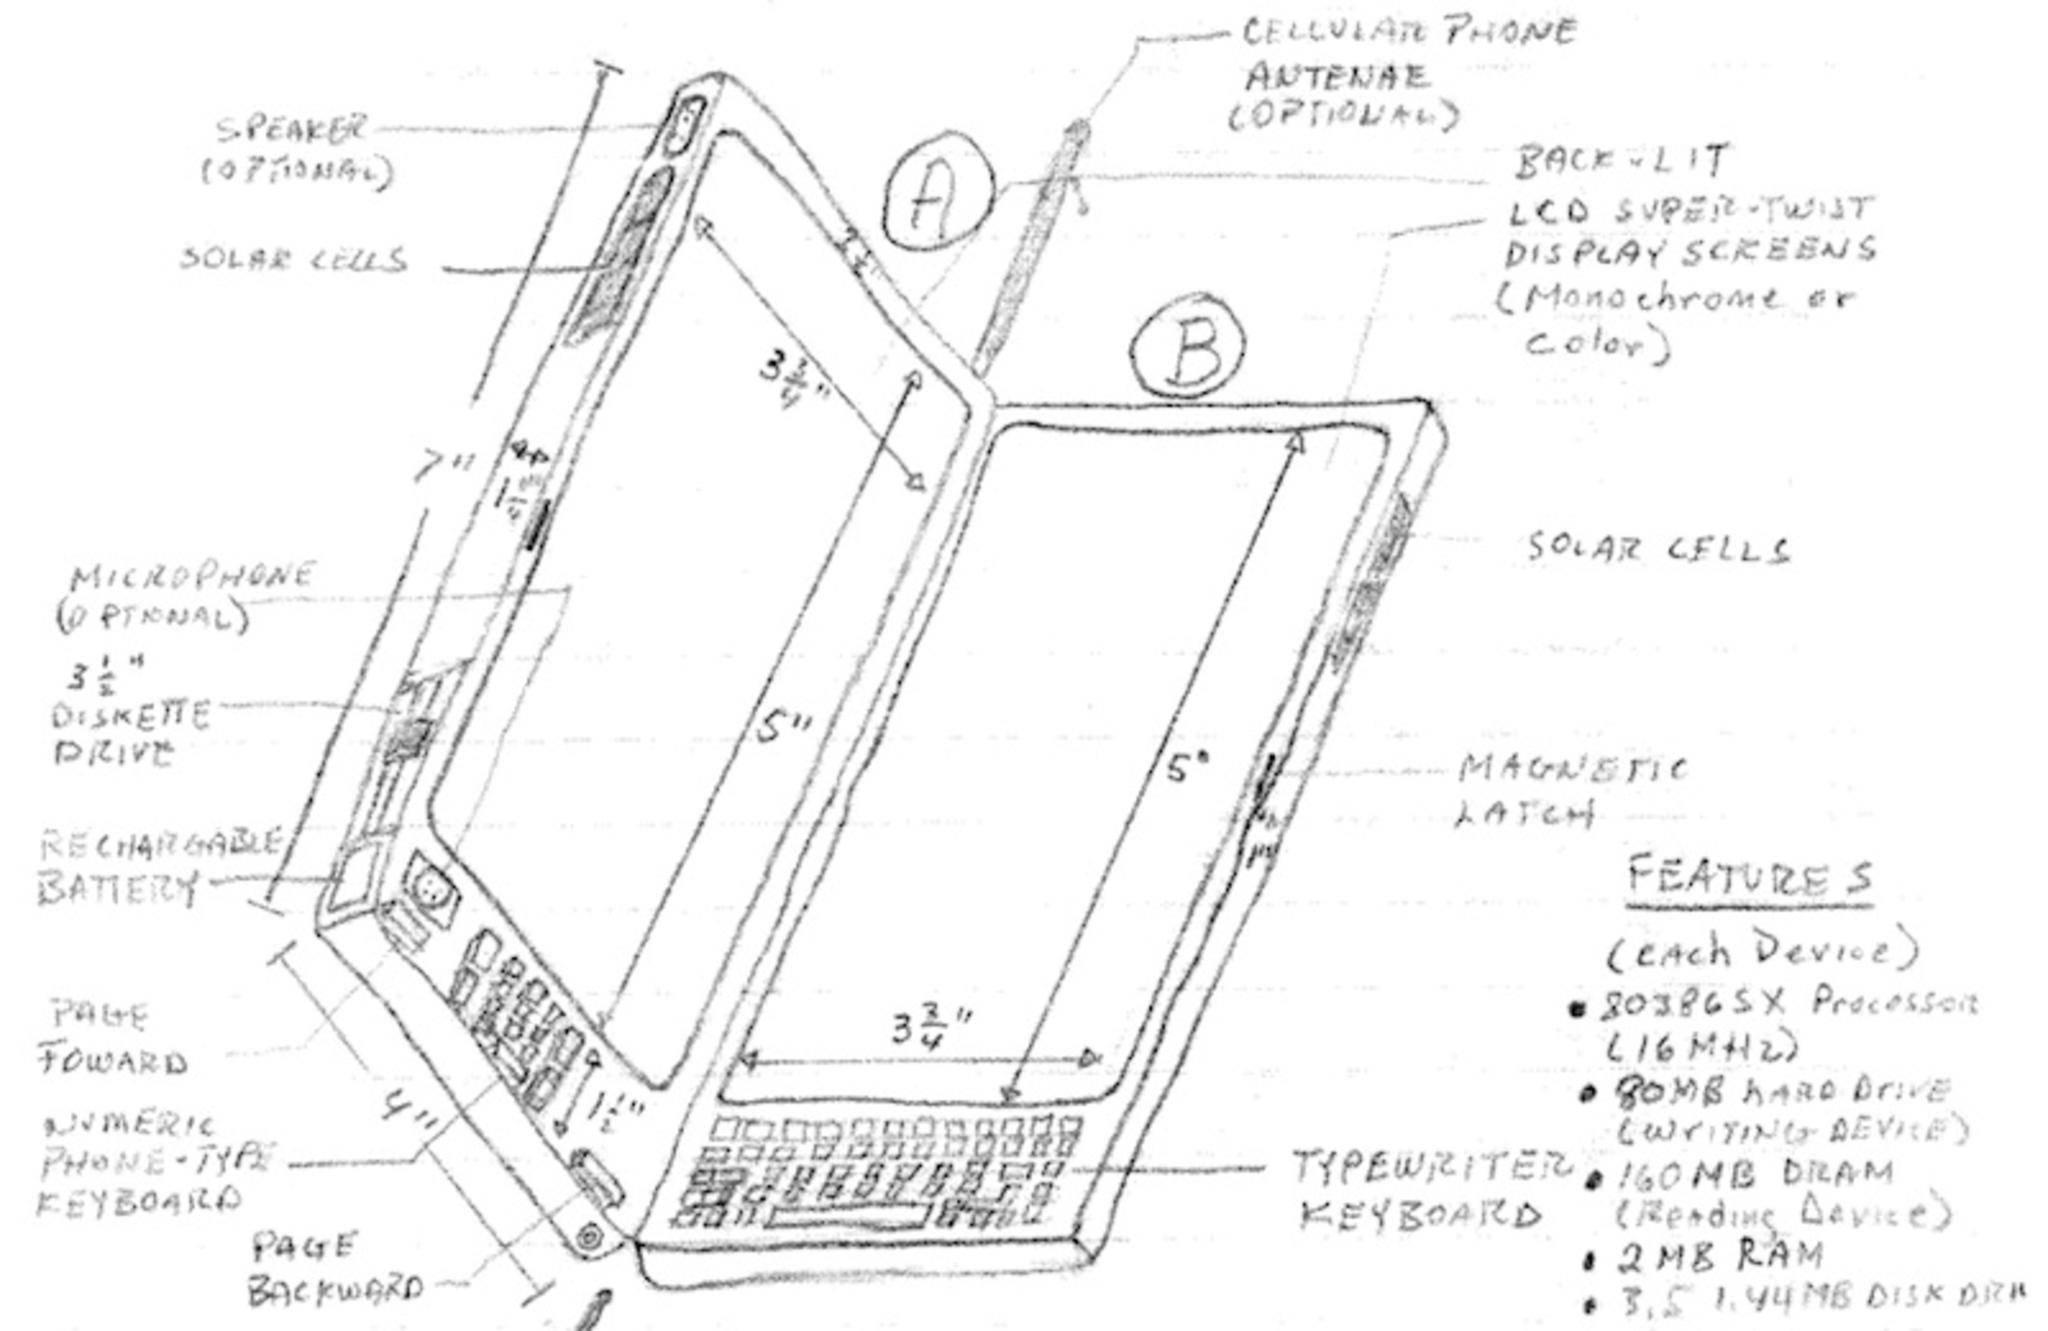 Der Kläger siehtsein 1992 eingereichtes Patent durch das iPhone verletzt.